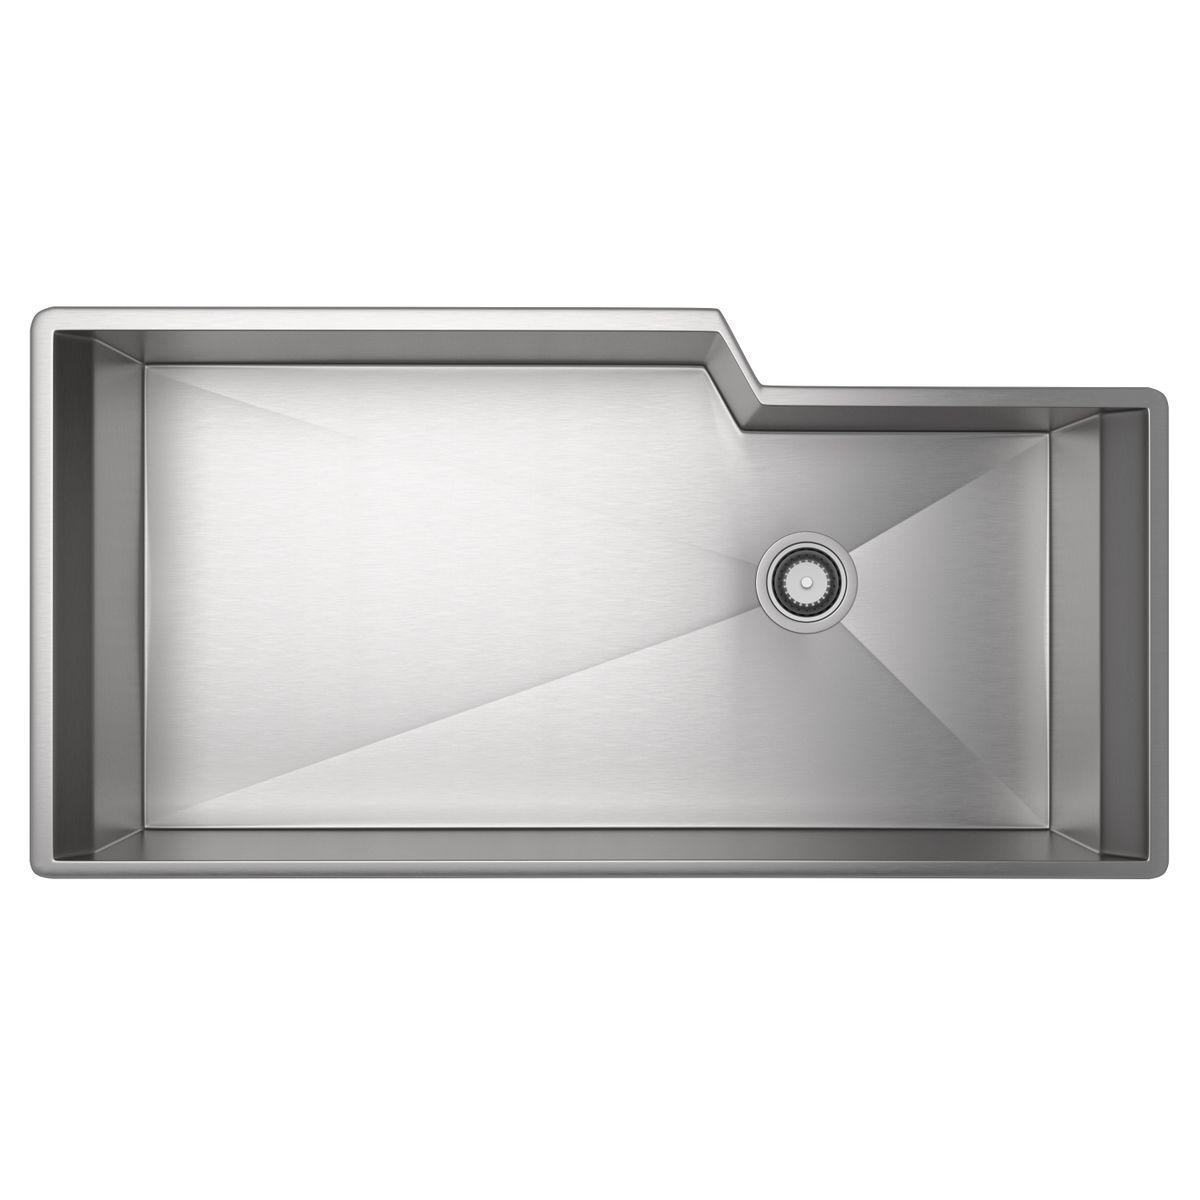 ROHL Stainless Steel RGK Sink_RGK3016SB